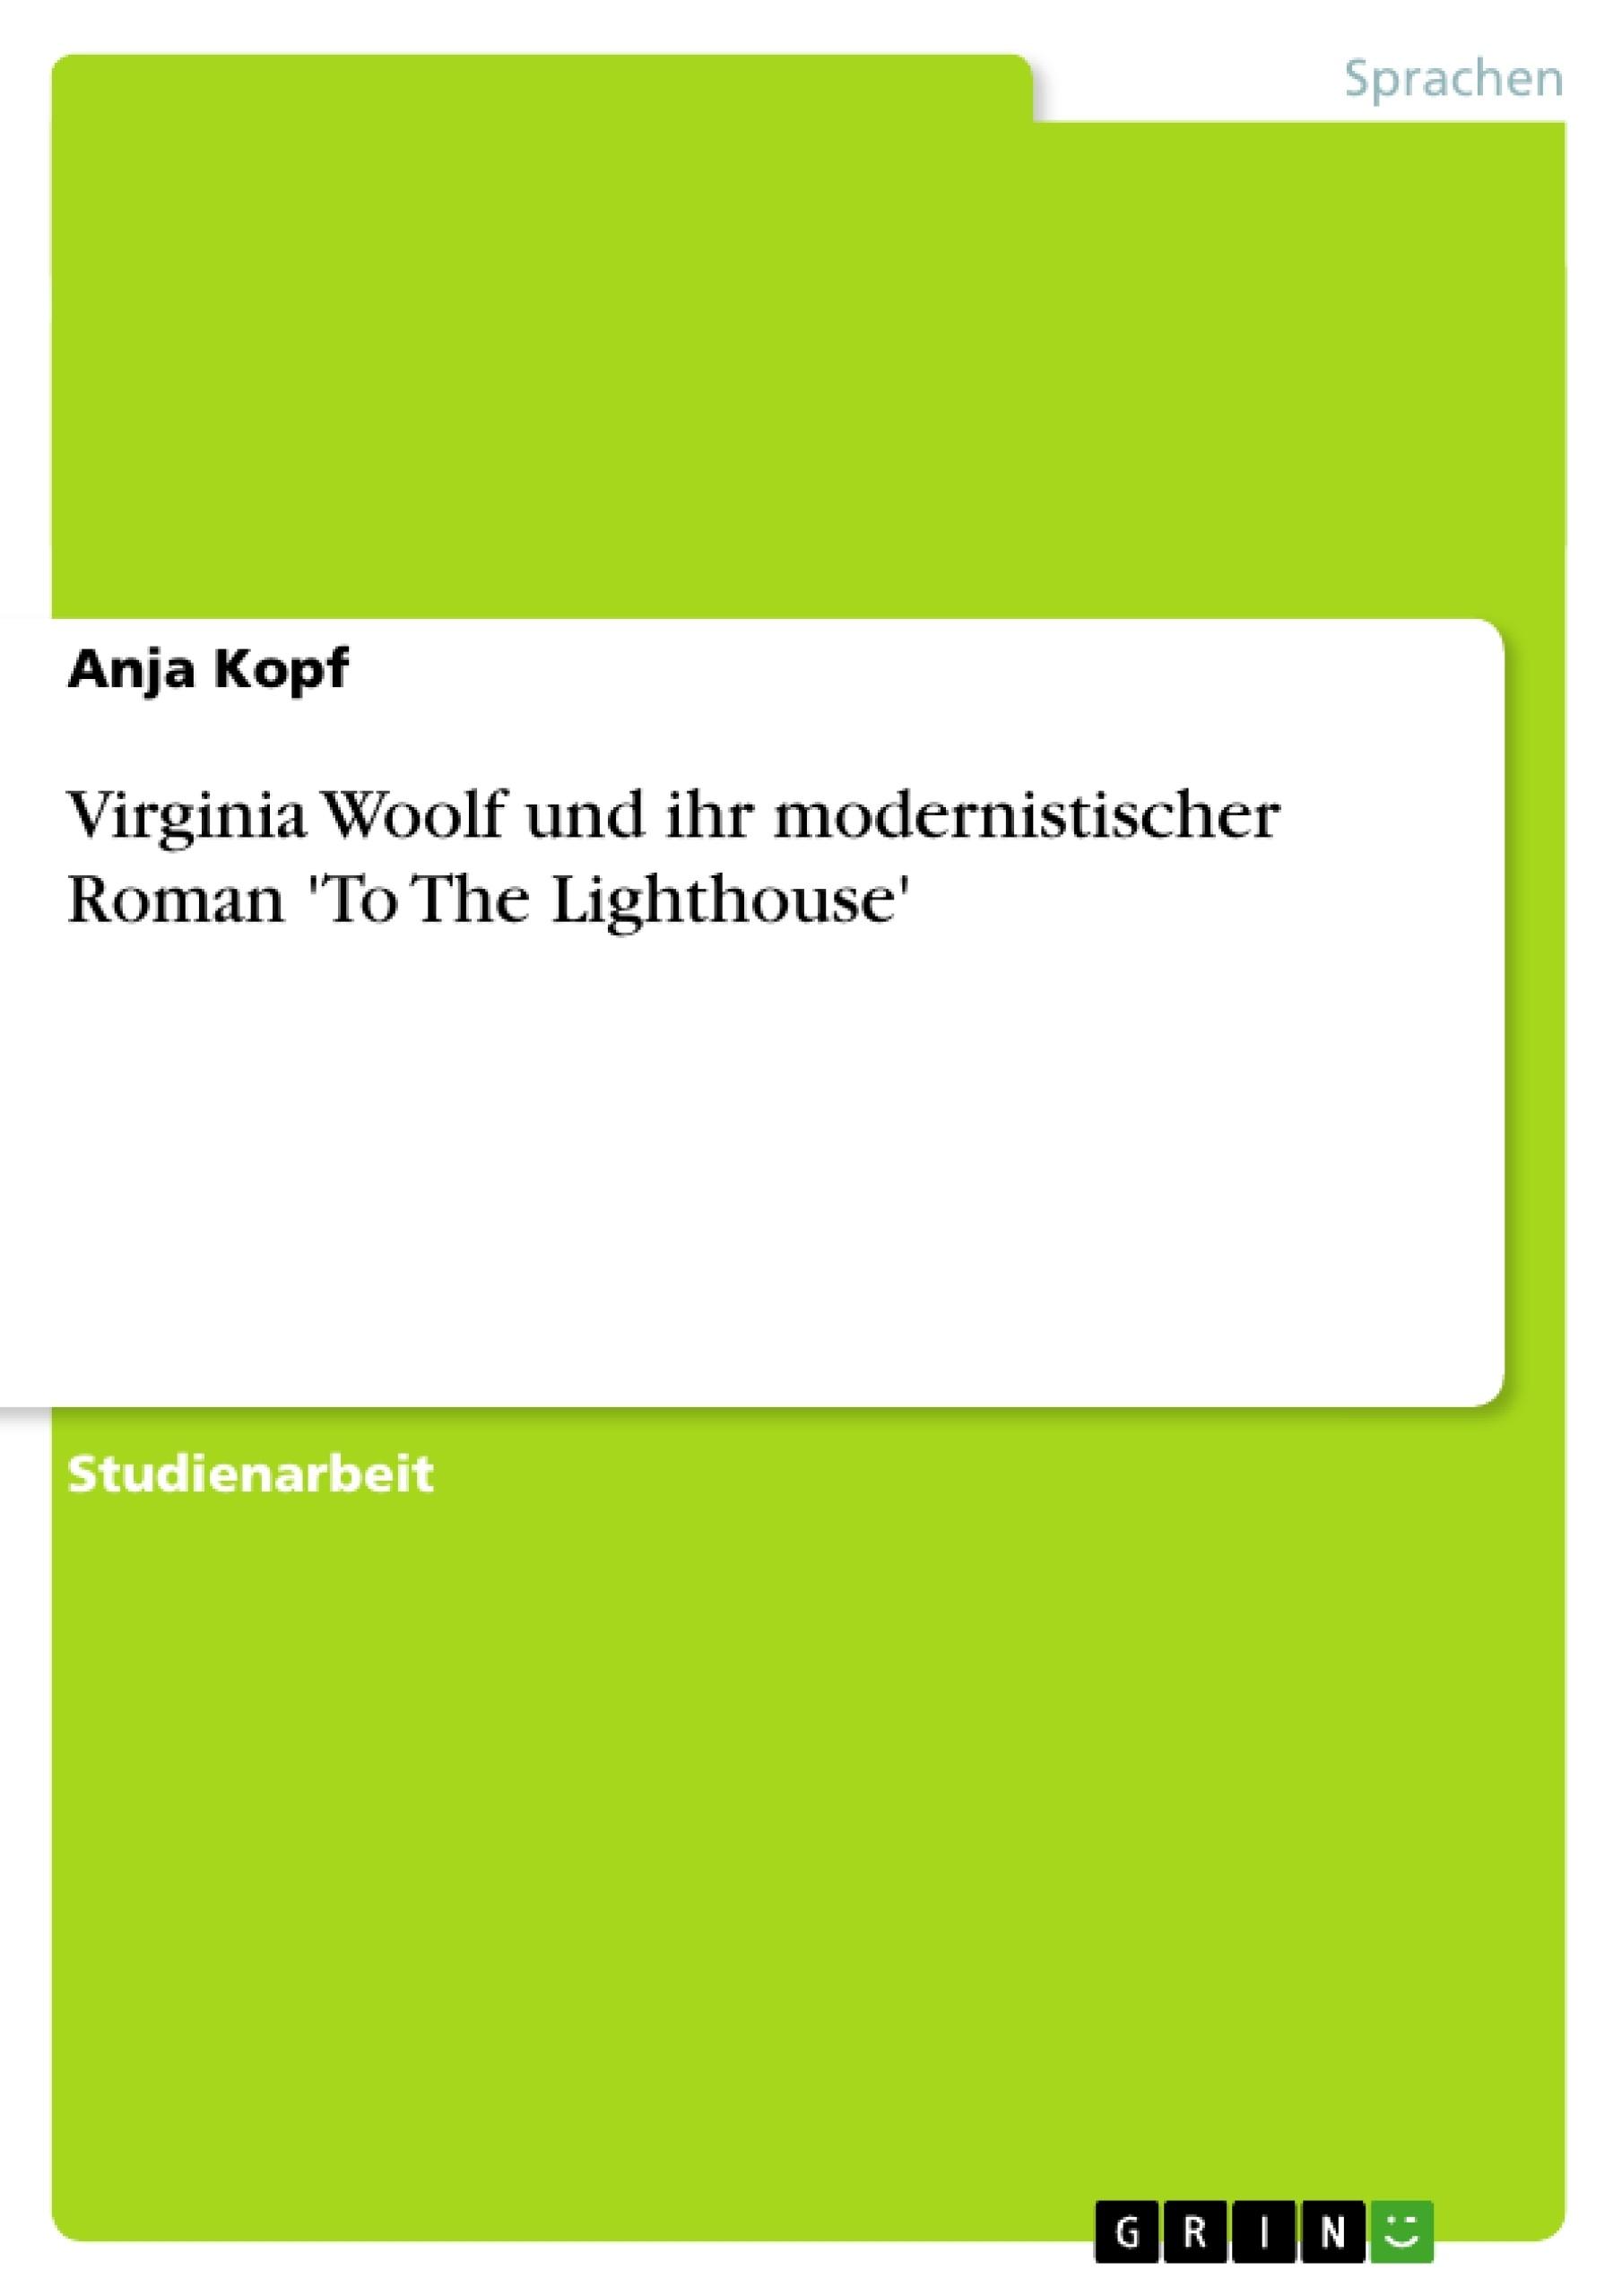 Titel: Virginia Woolf und ihr modernistischer Roman 'To The Lighthouse'